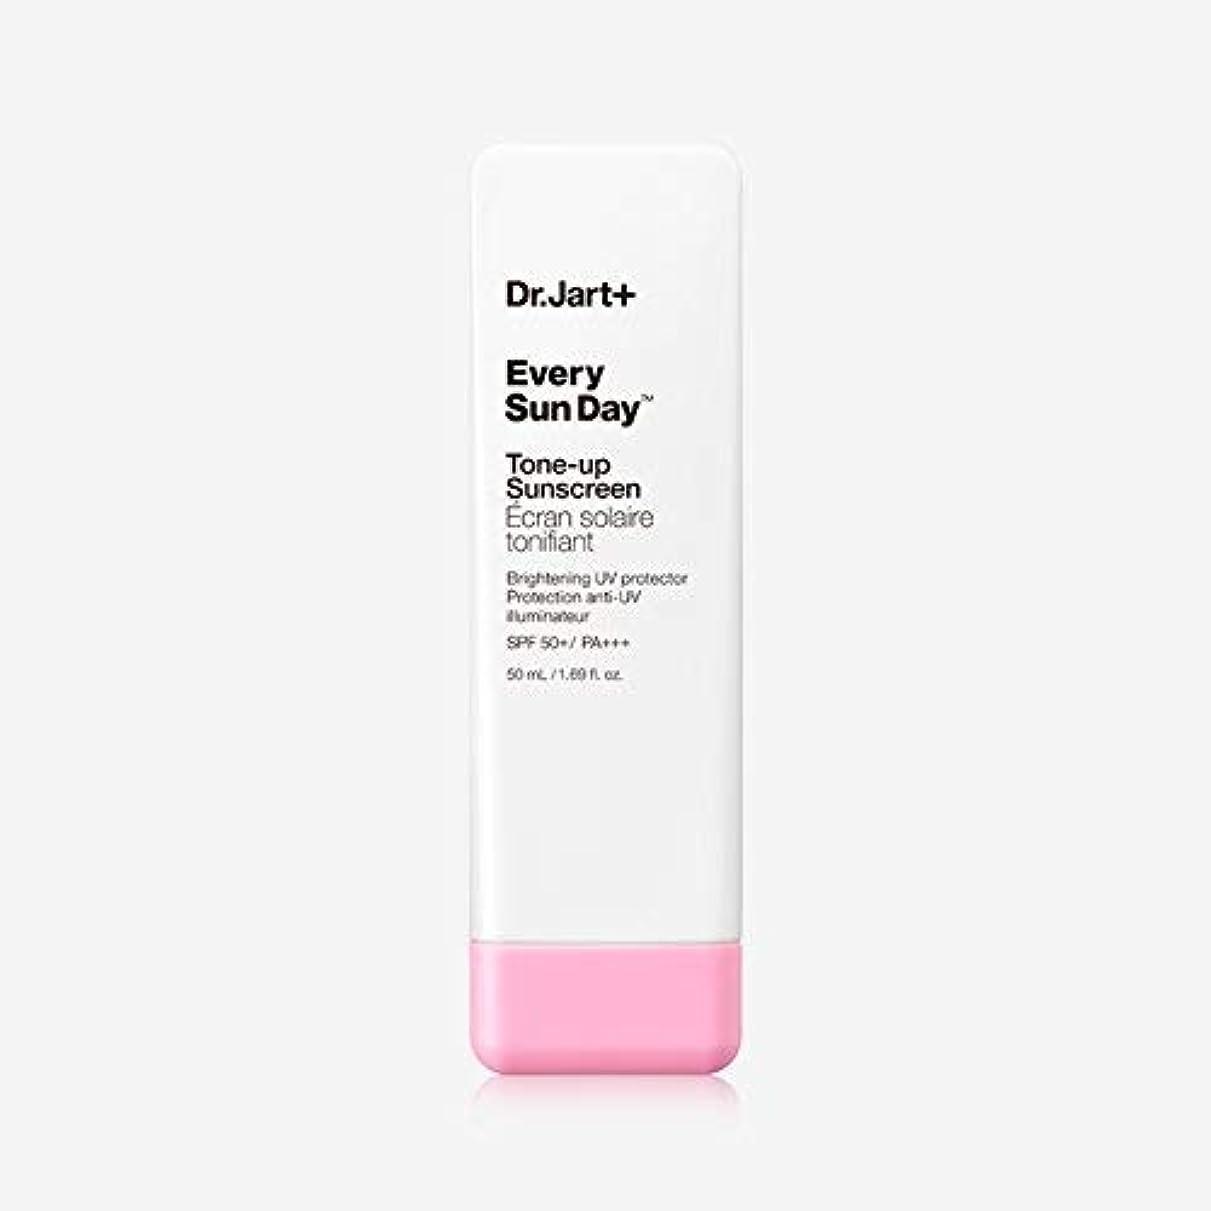 達成する配列散歩に行くDr.Jart+ Every Sun Day Tone-up Sunscreen SPF50+ PA+++ 50ml / ドクタージャルトゥエヴリサンデートーンアップサンスクリーンSPF50+PA+++50ml [並行輸入品]